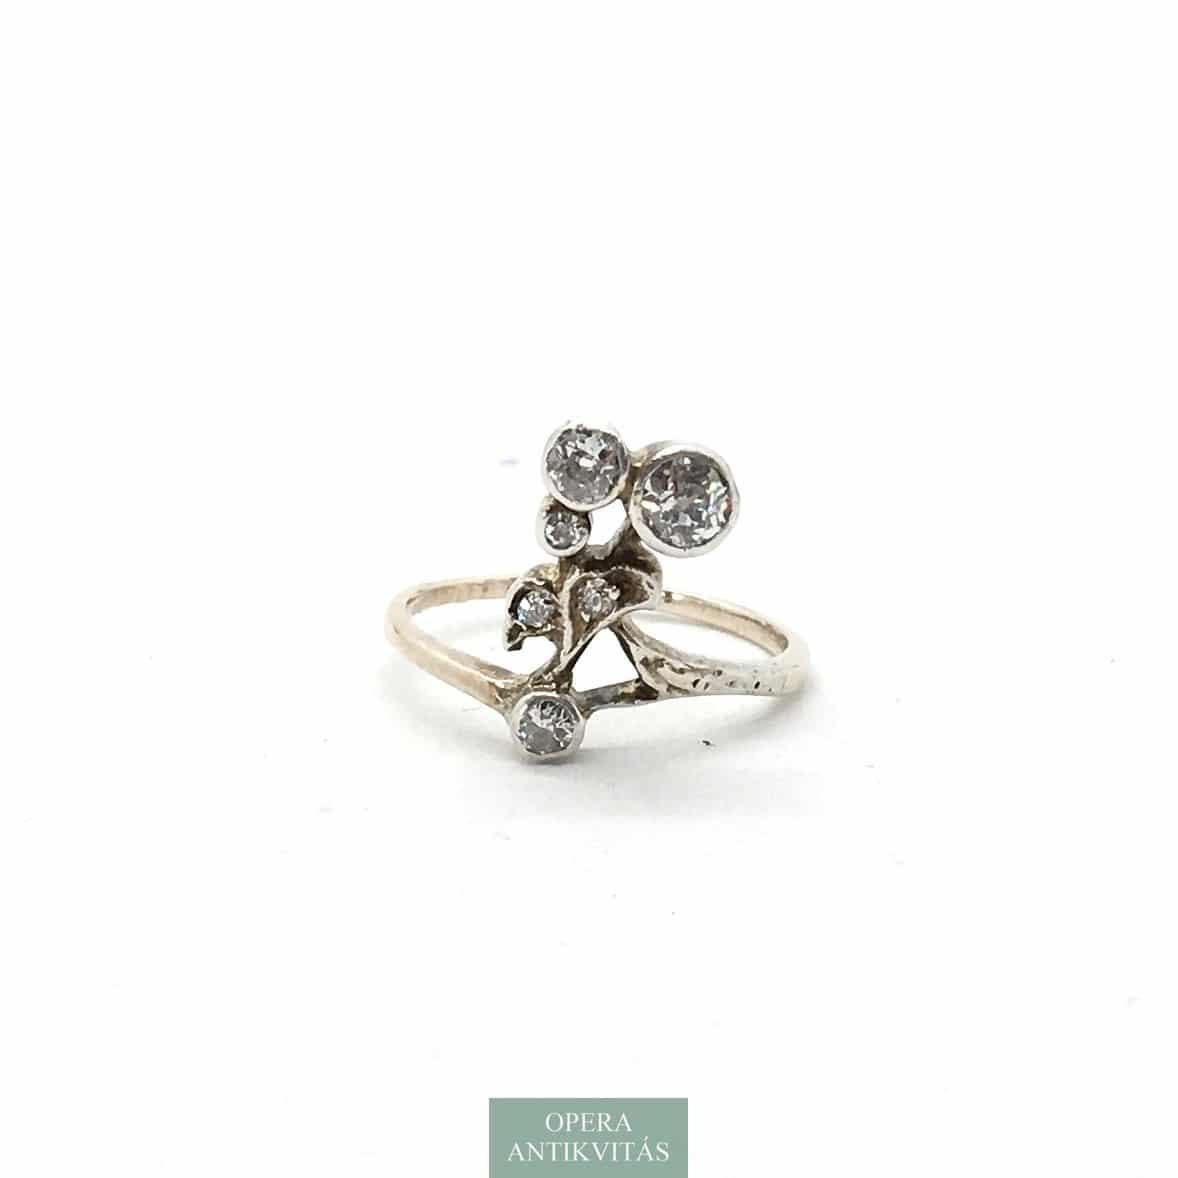 szecessziós gyűrű